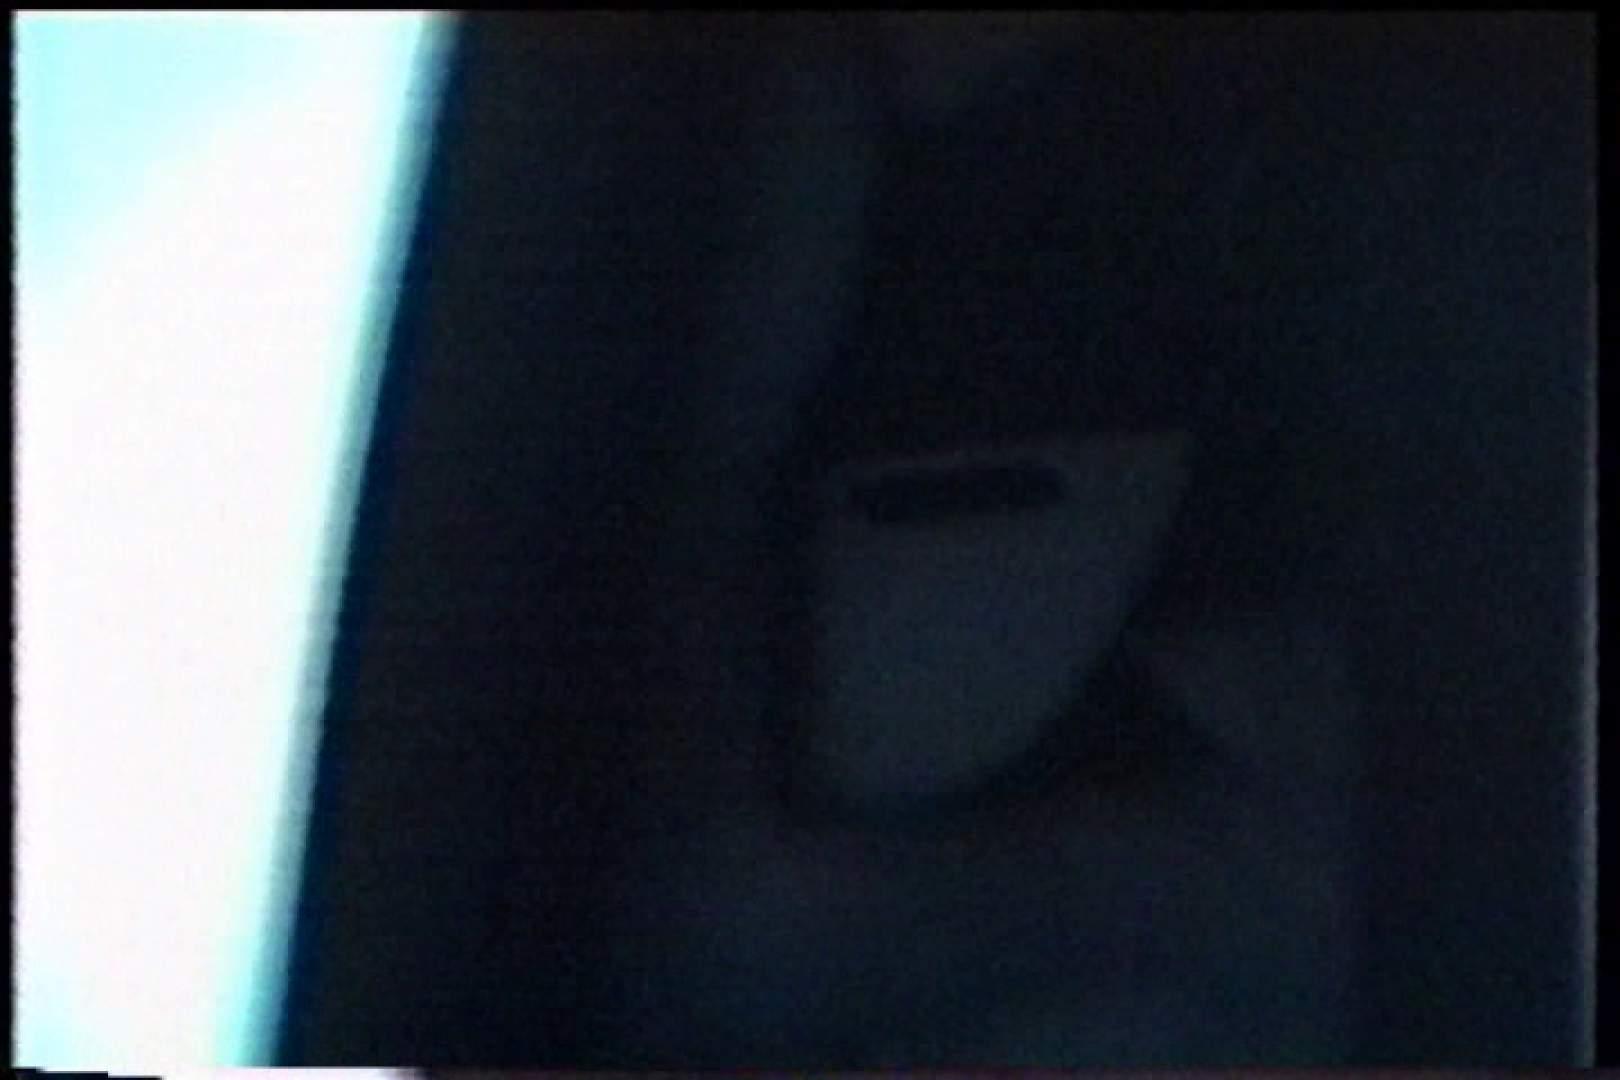 充血監督の深夜の運動会Vol.207 ミニスカート 濡れ場動画紹介 99pic 71